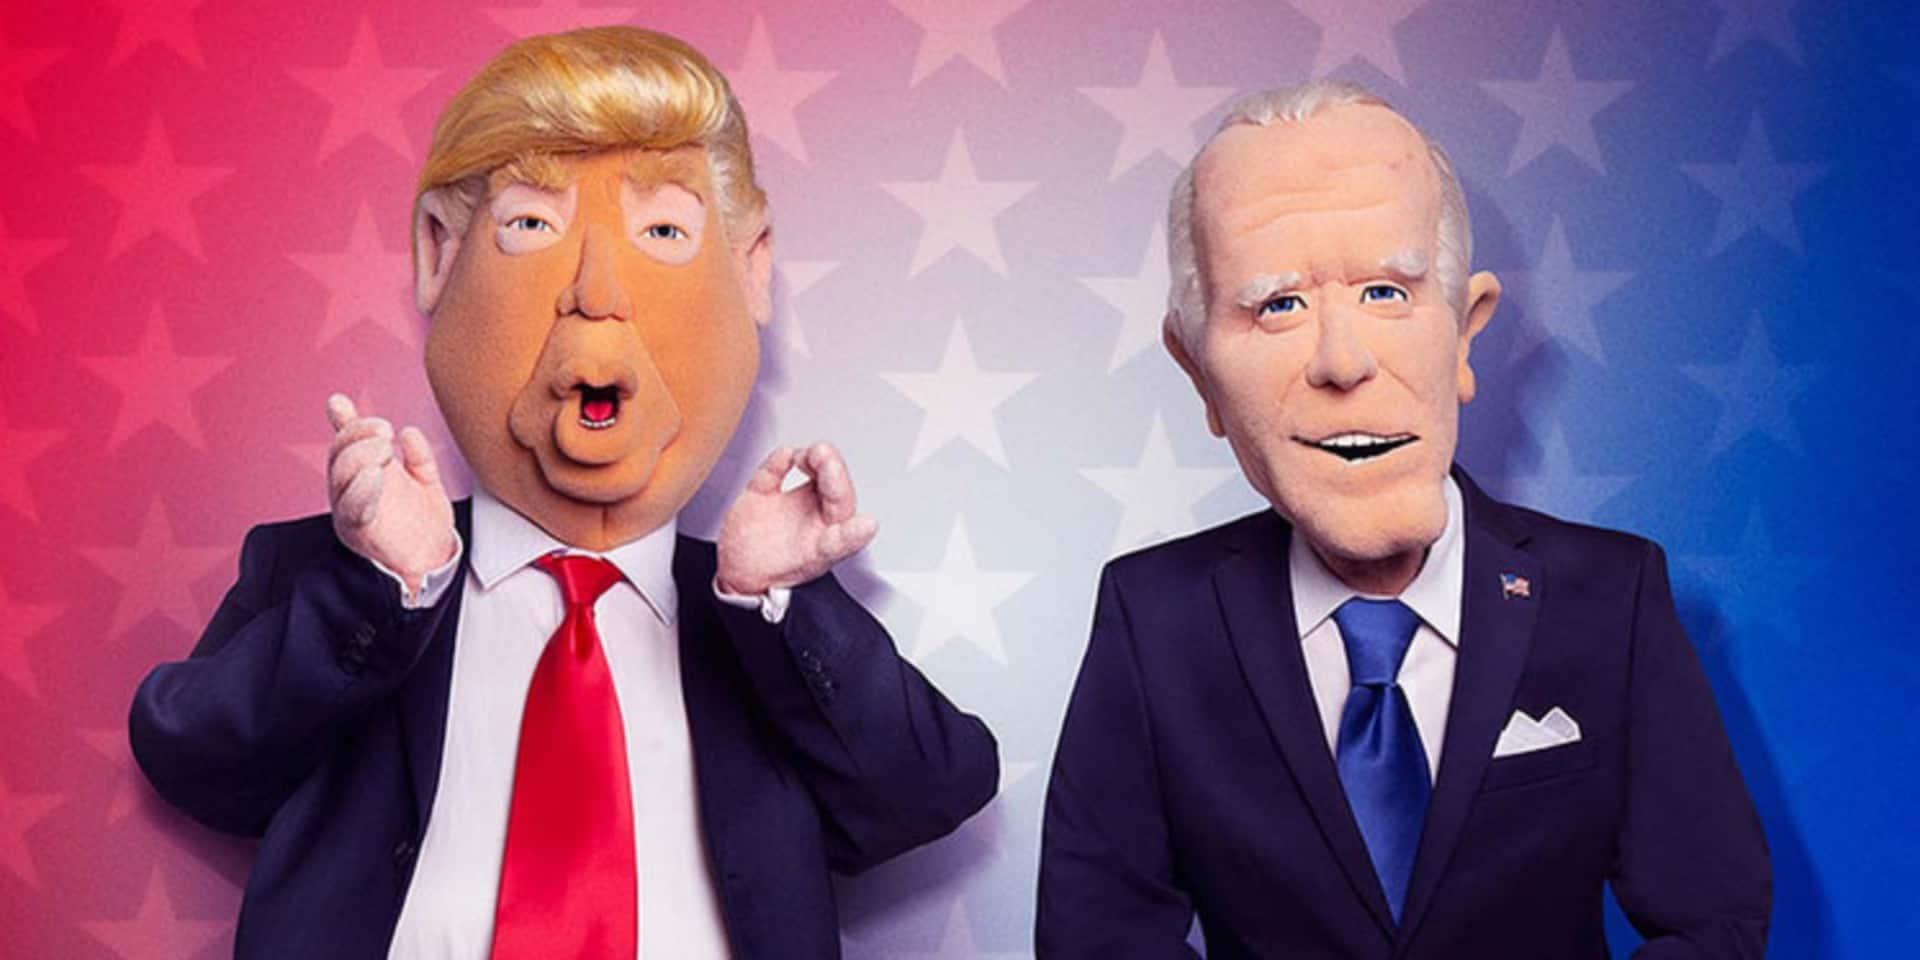 Les Guignols de l'info version Donald Trump et Joe Biden débarquent aux USA